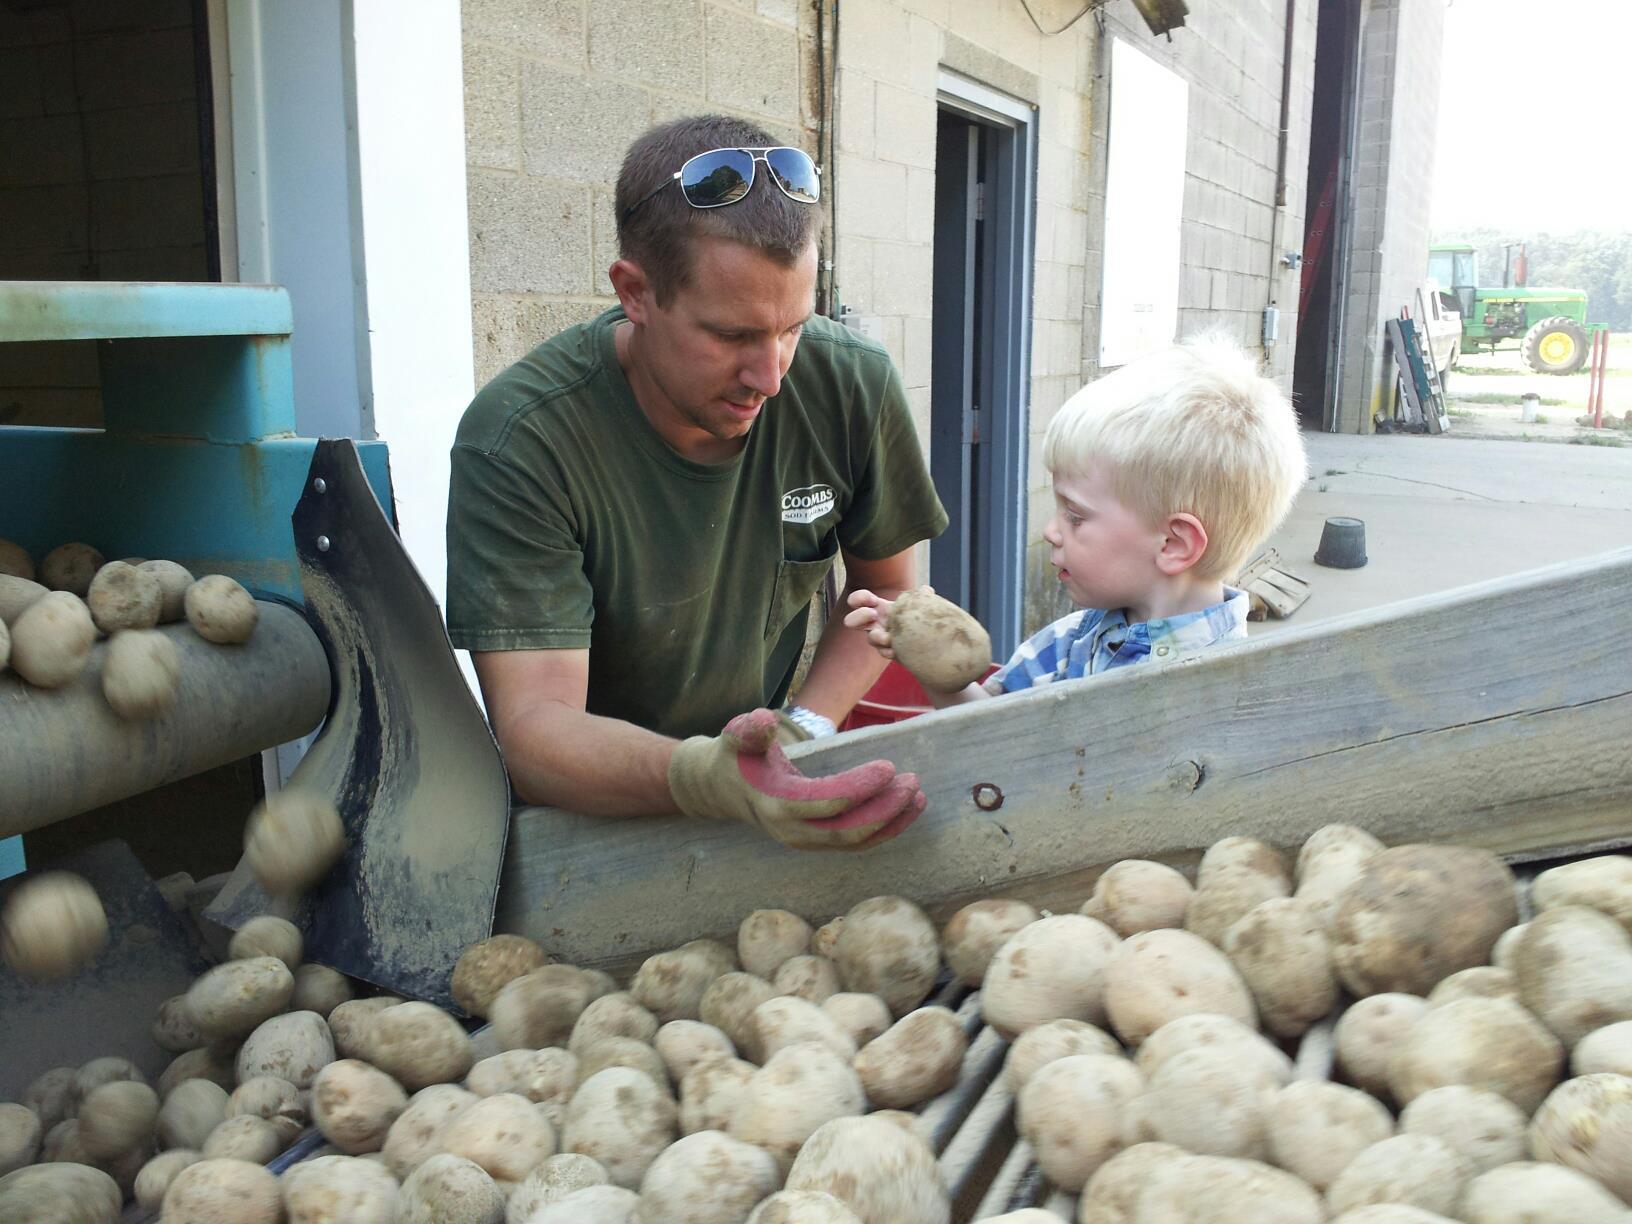 John Jr teaching son Lee about potatoes